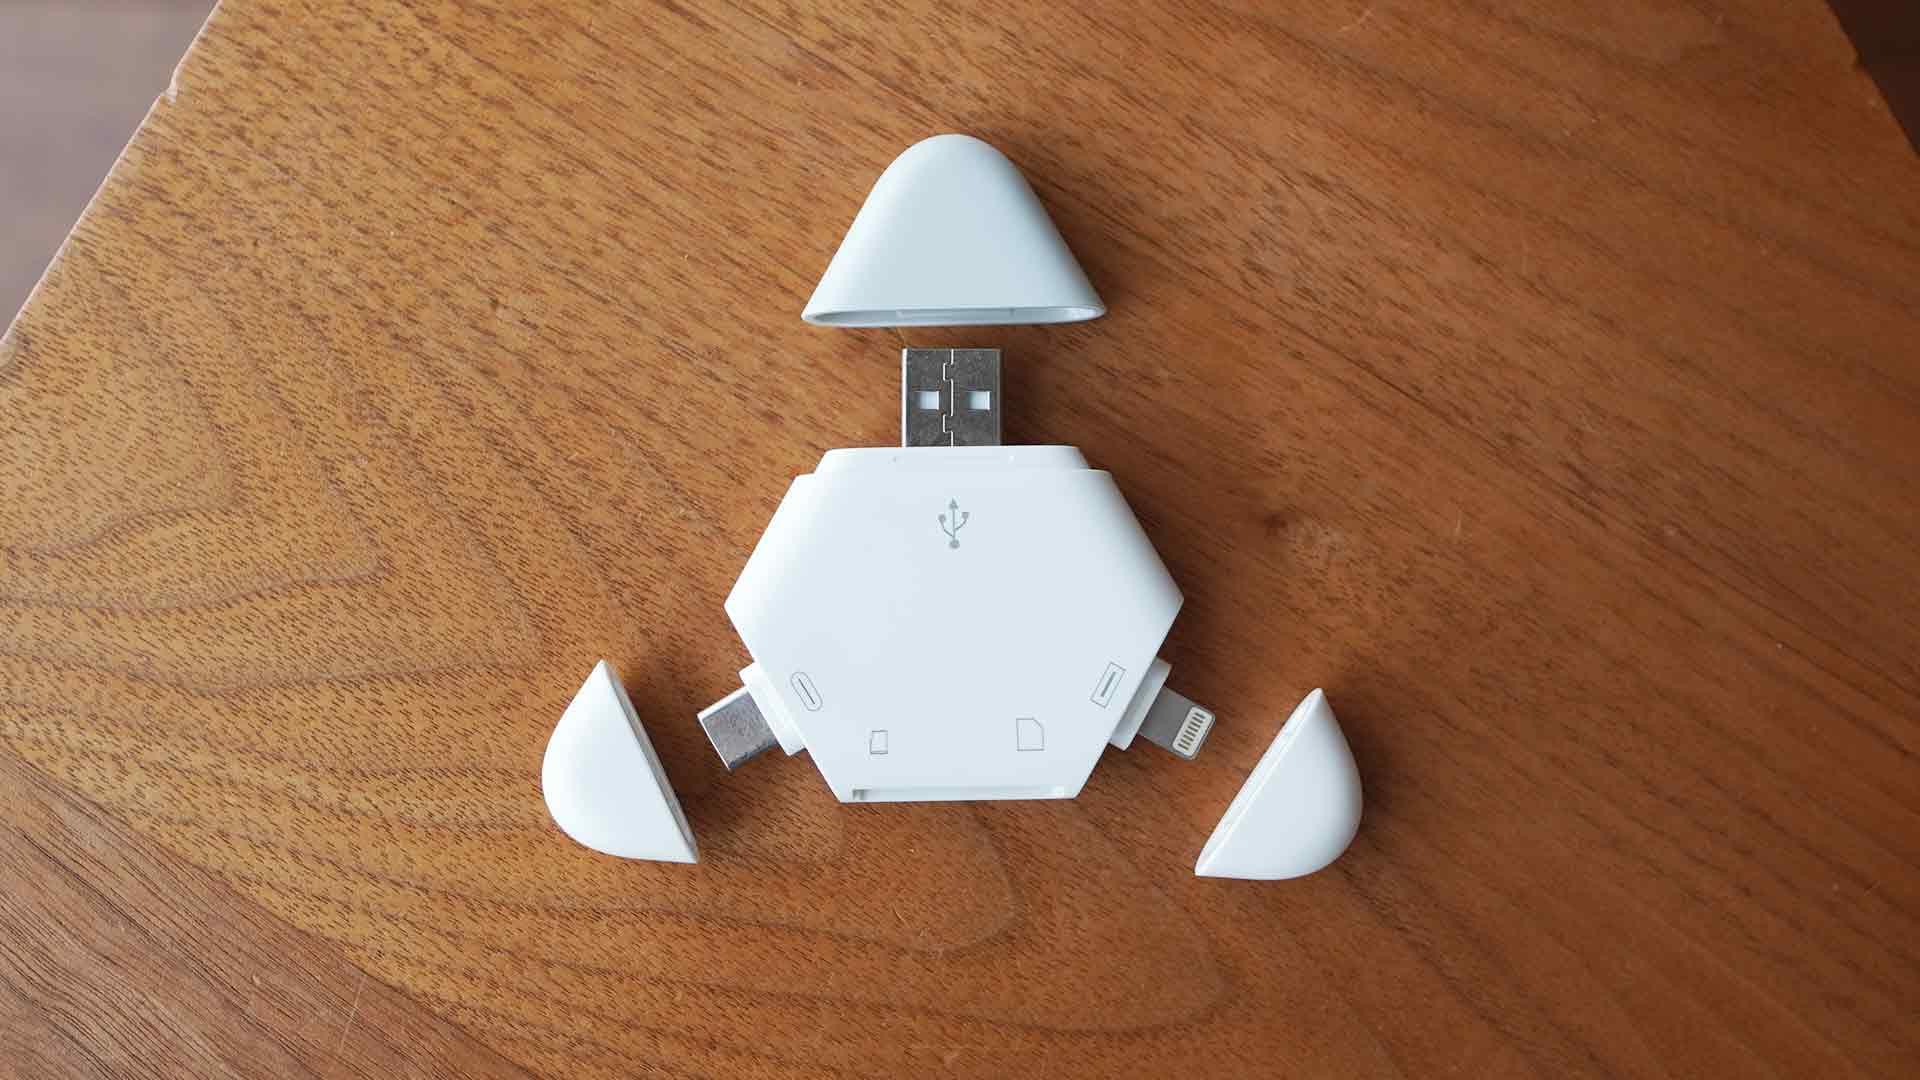 マルチカードリーダー,SDカード,USB,micro USB,Lightning,3種類